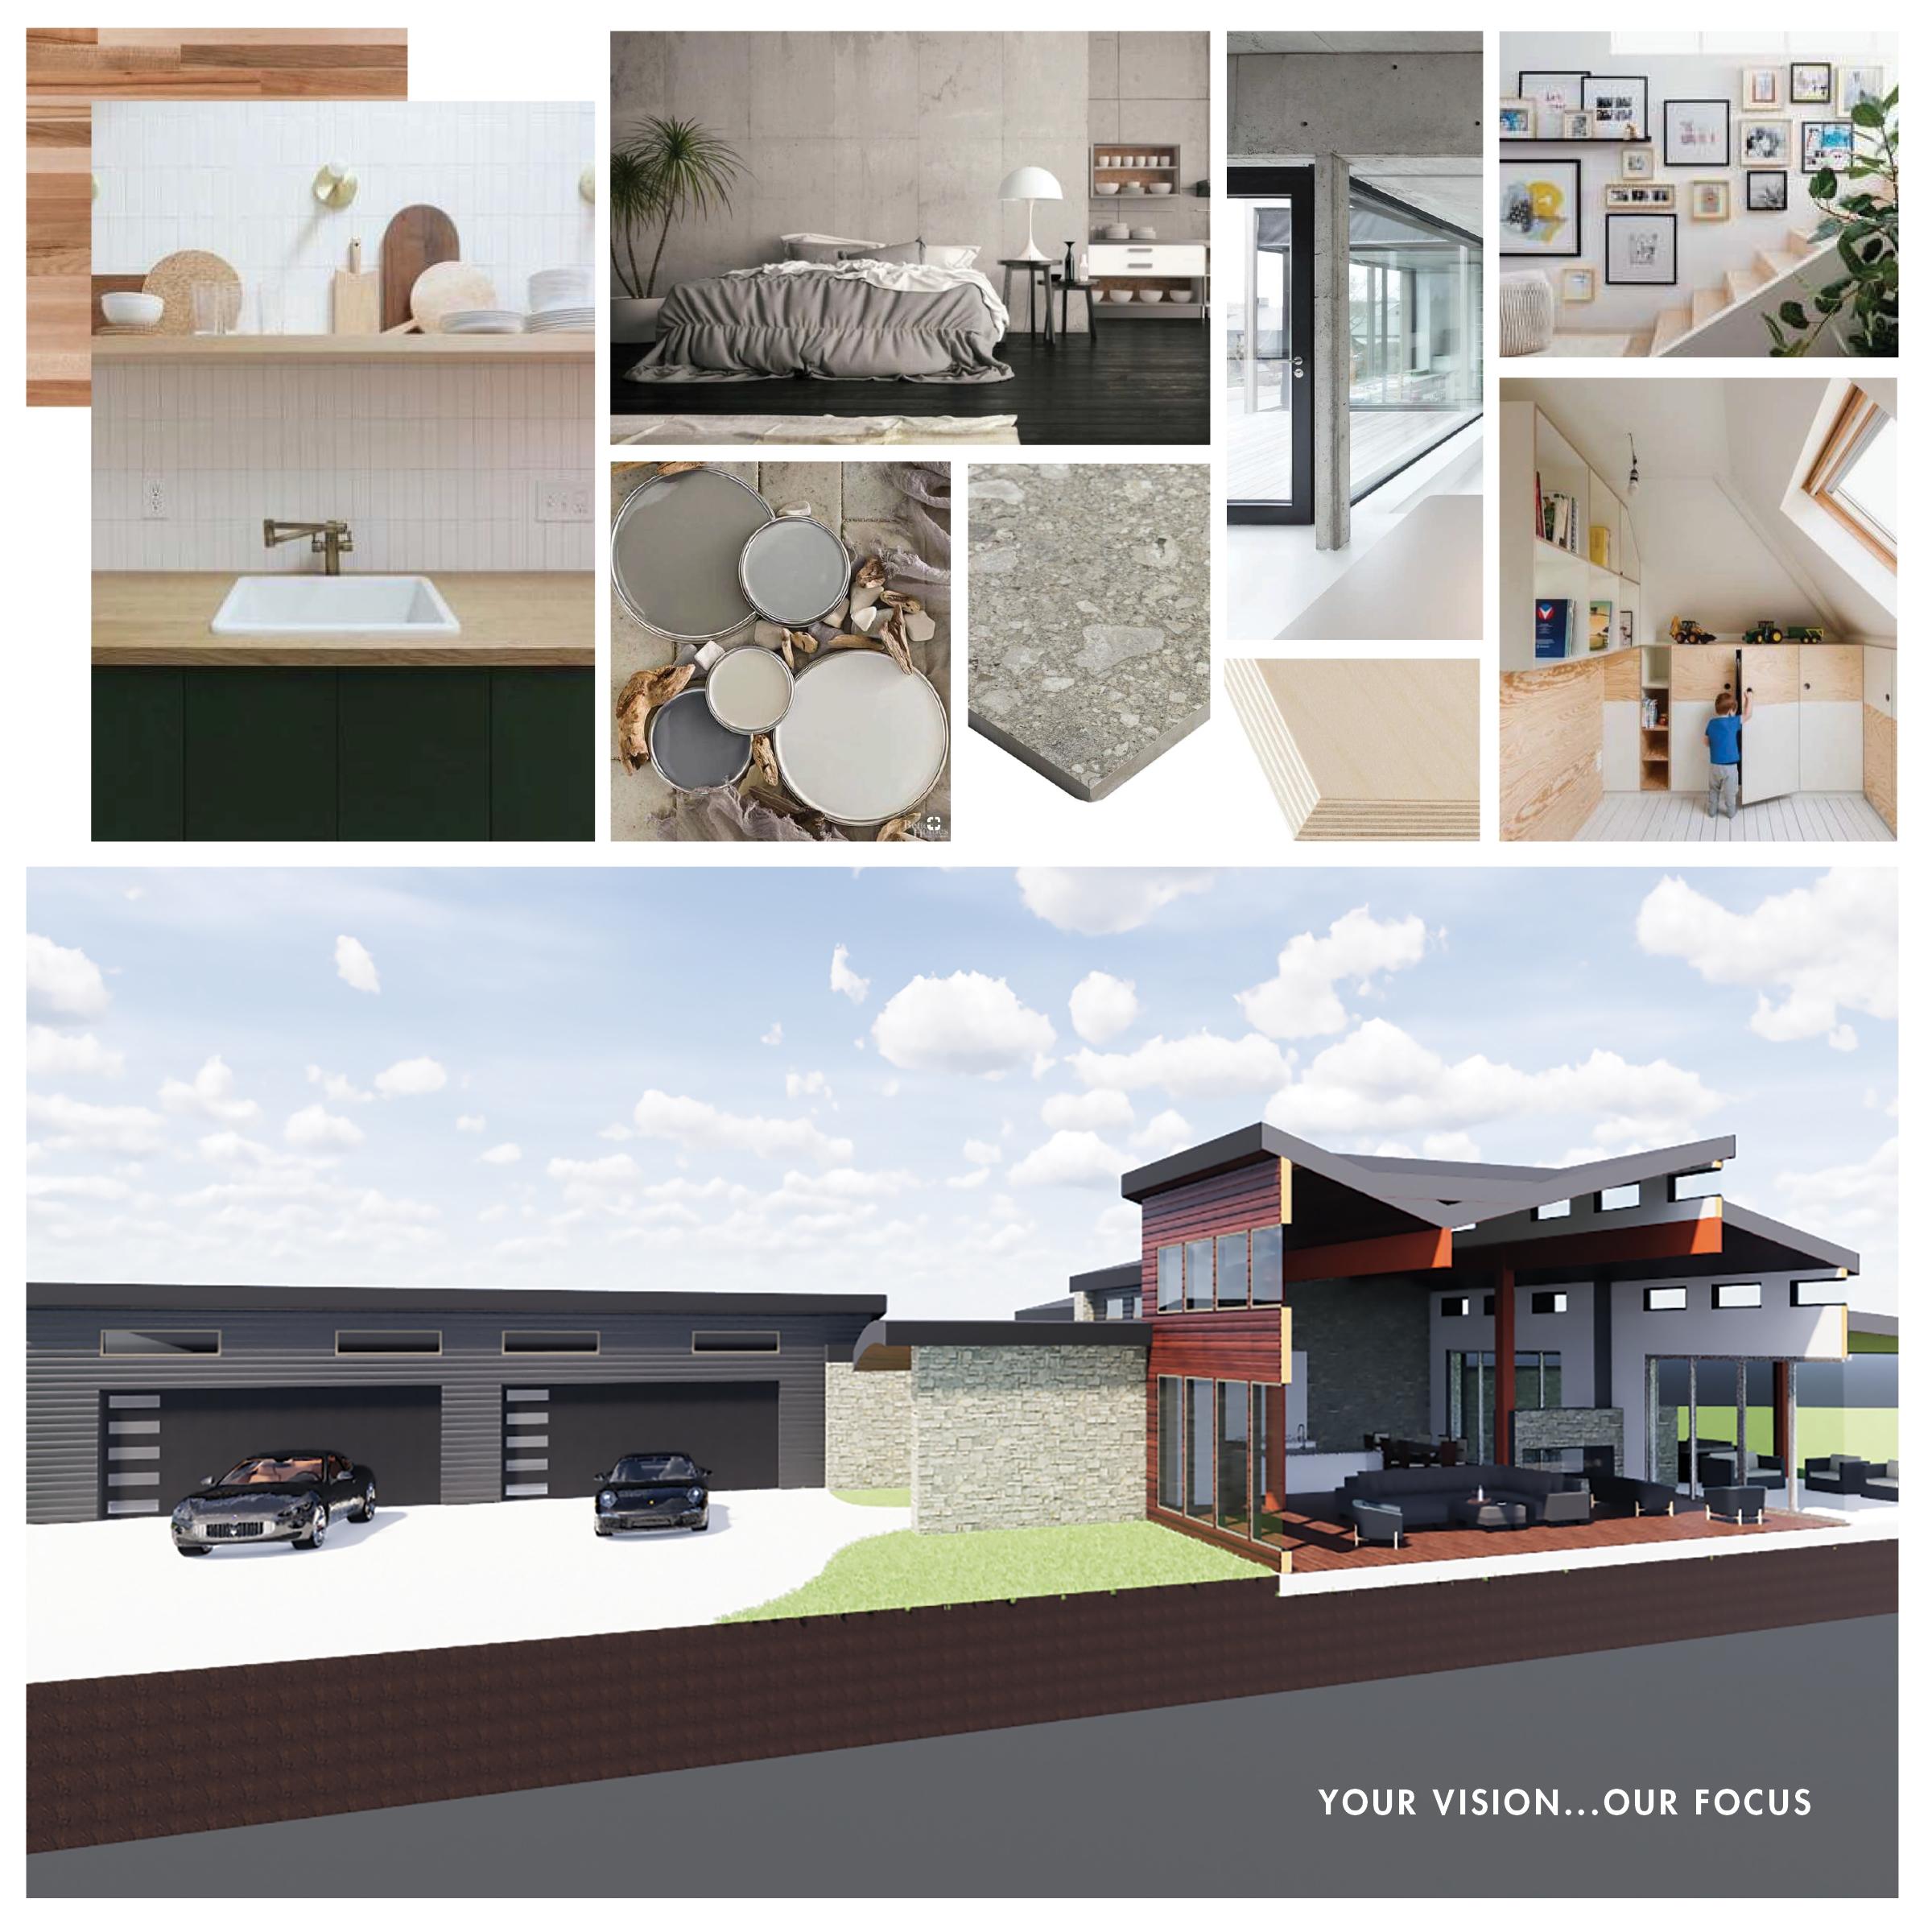 Ware_DesignProcess_Brochure_V133